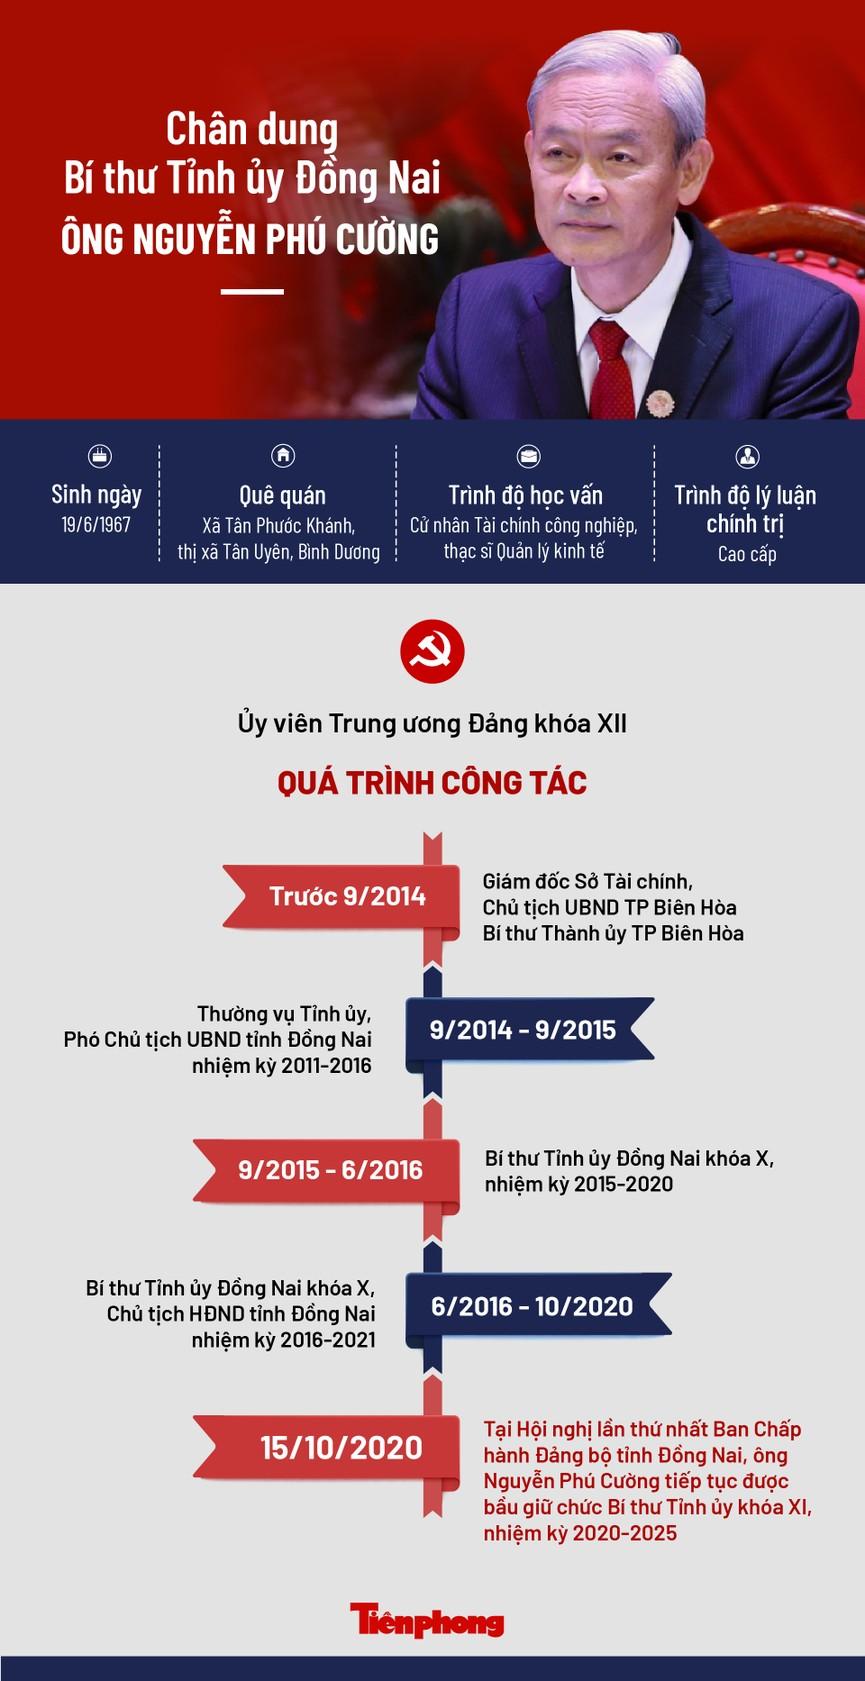 Ông Nguyễn Phú Cường tái đắc cử Bí thư Tỉnh ủy Đồng Nai - ảnh 1